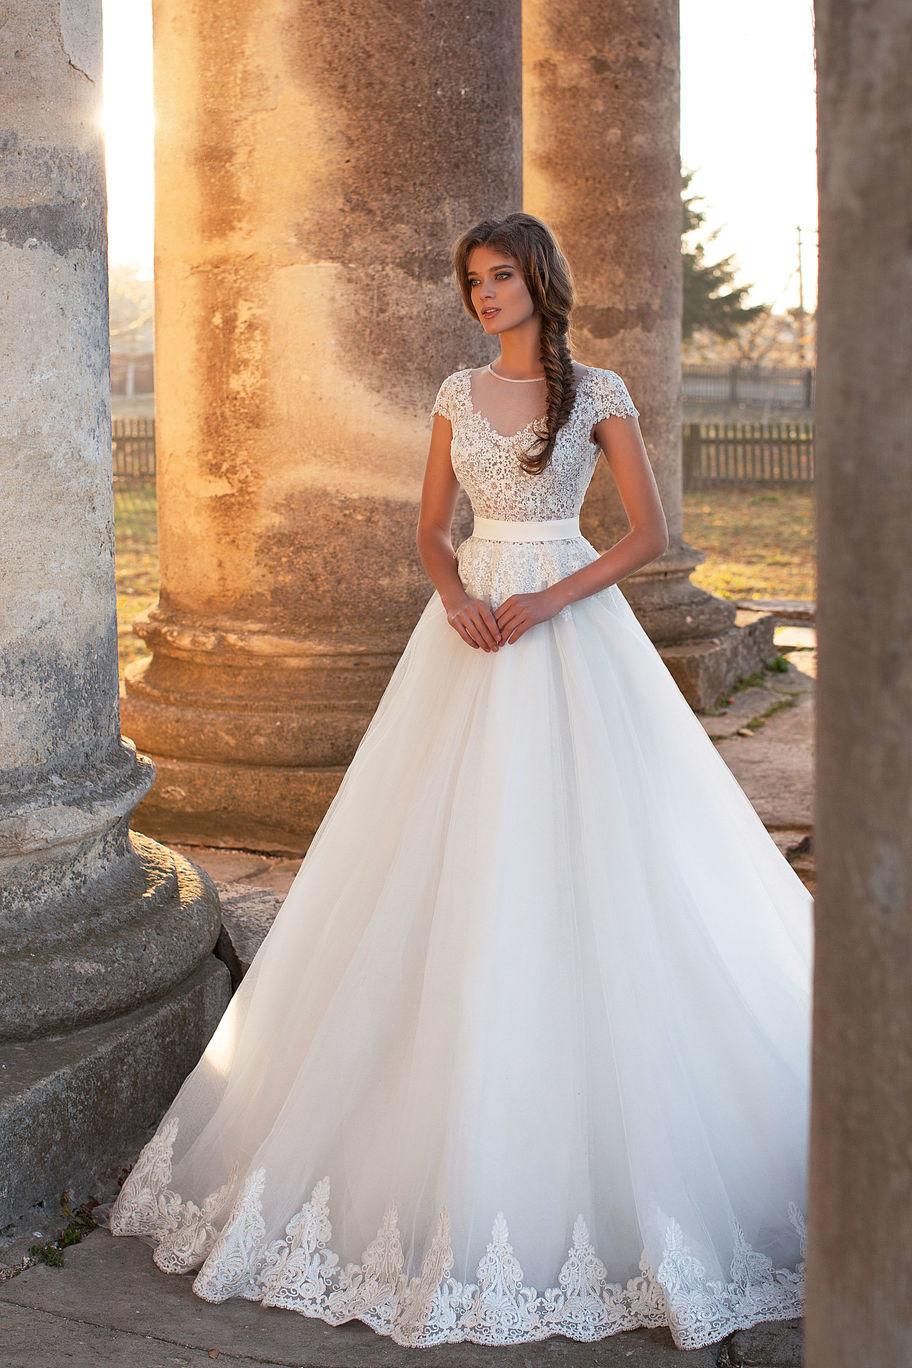 Colecci n 2017 2018 en vestidos de novia amar s todos for Novias originales 2017